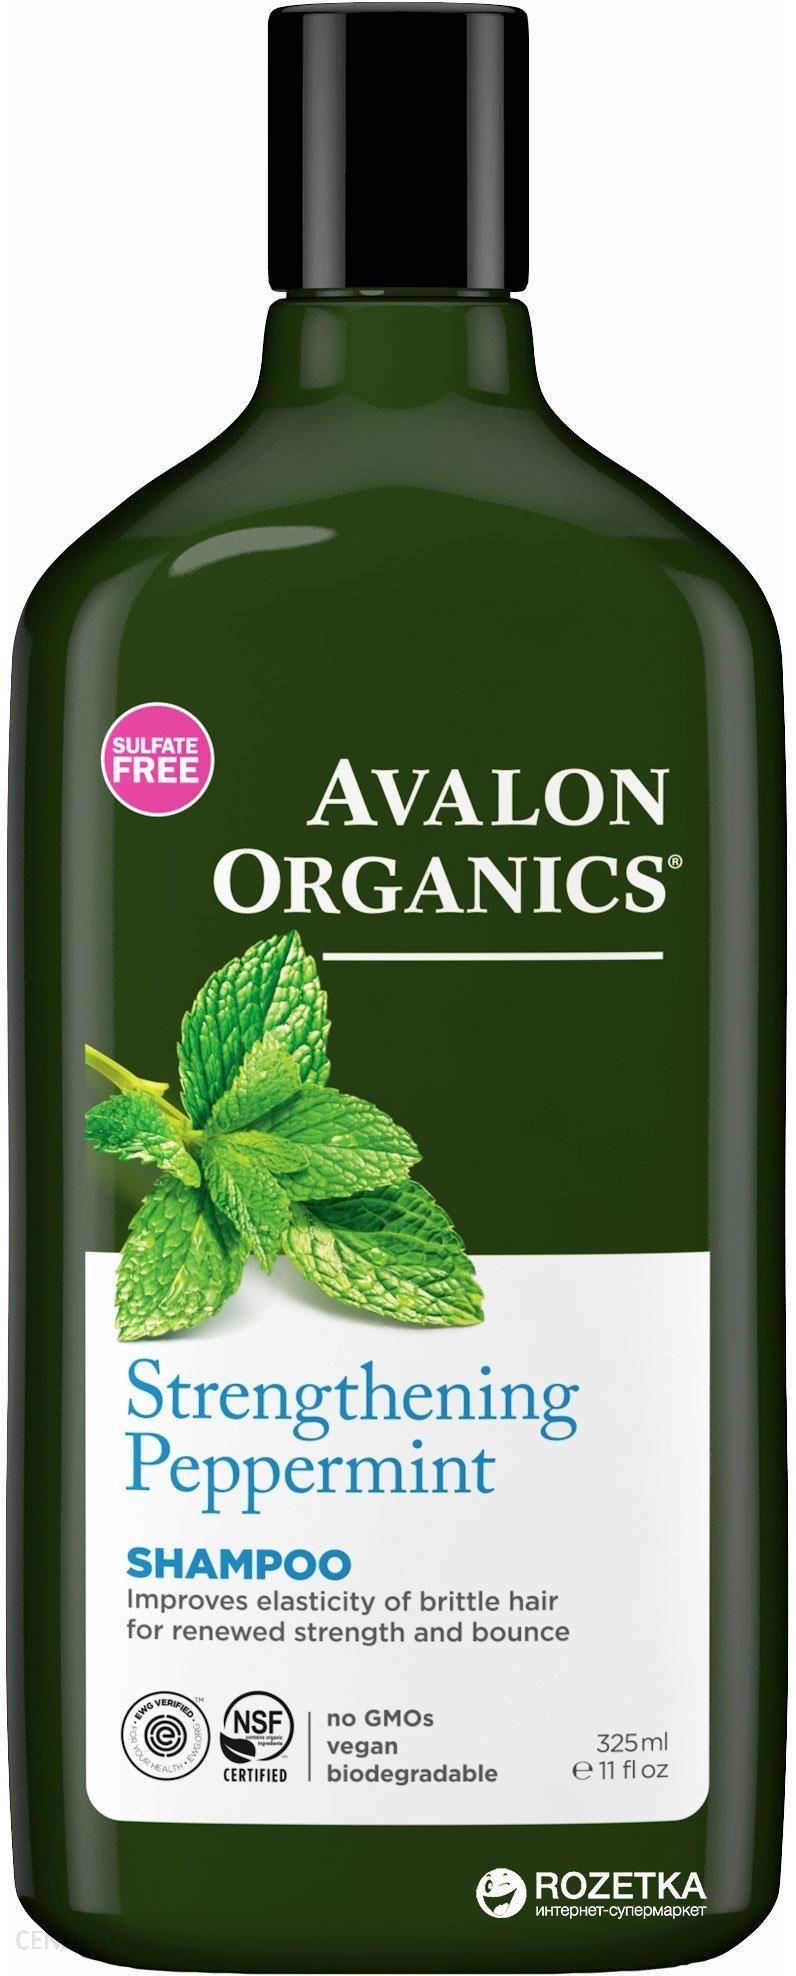 Avalon Organics Szampon miętowy wzmacniający 325ml